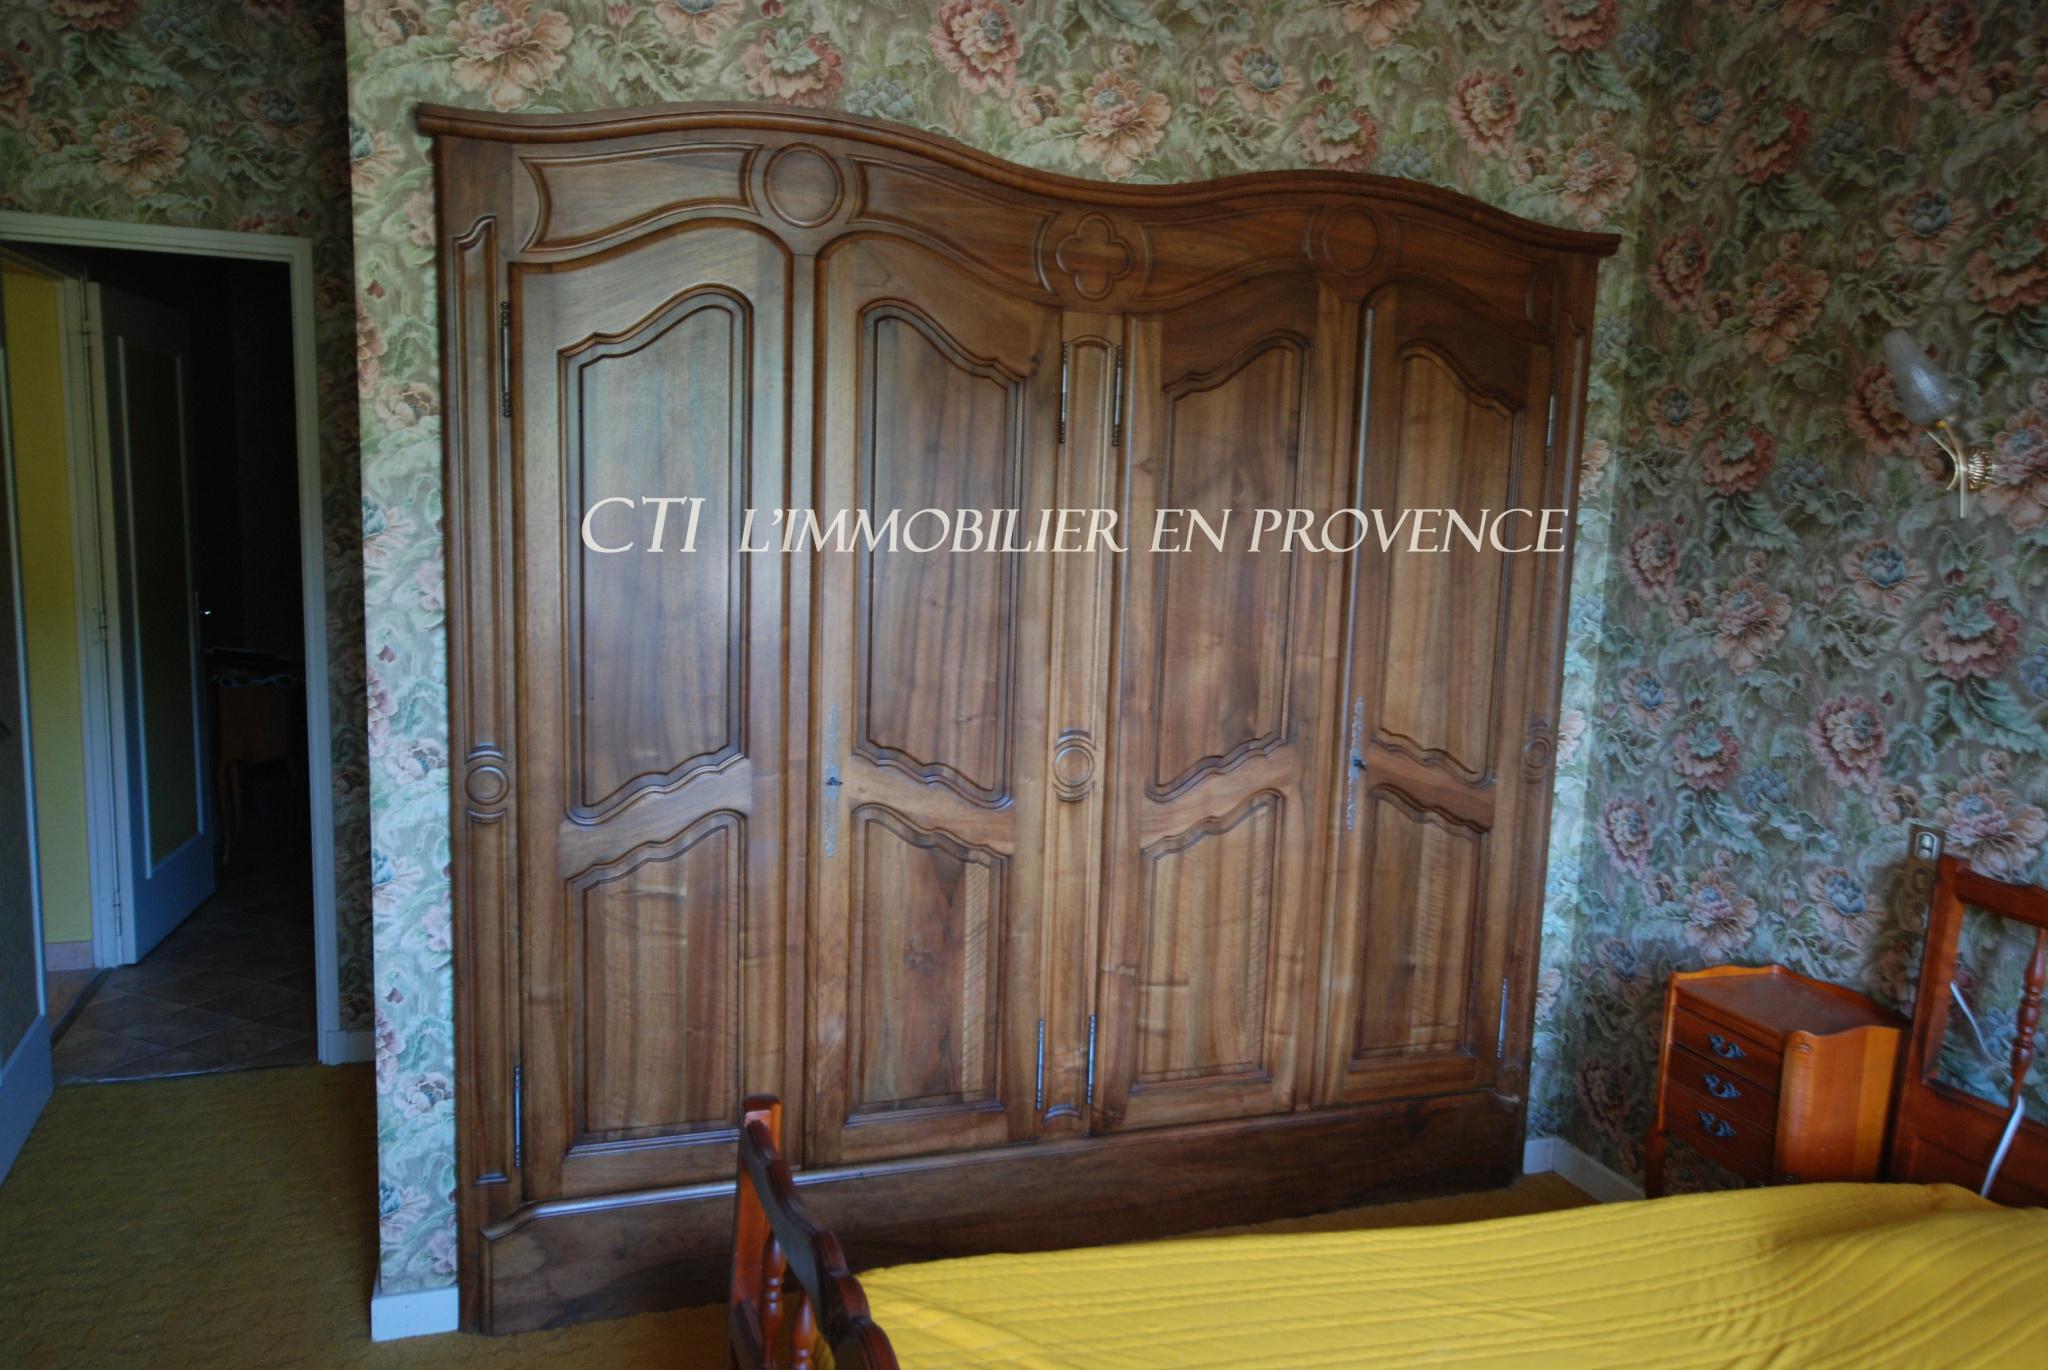 0 www.cti-provence.net. Vente villa architecte en pierre de 290 m². Sur terrain 9 700 m²